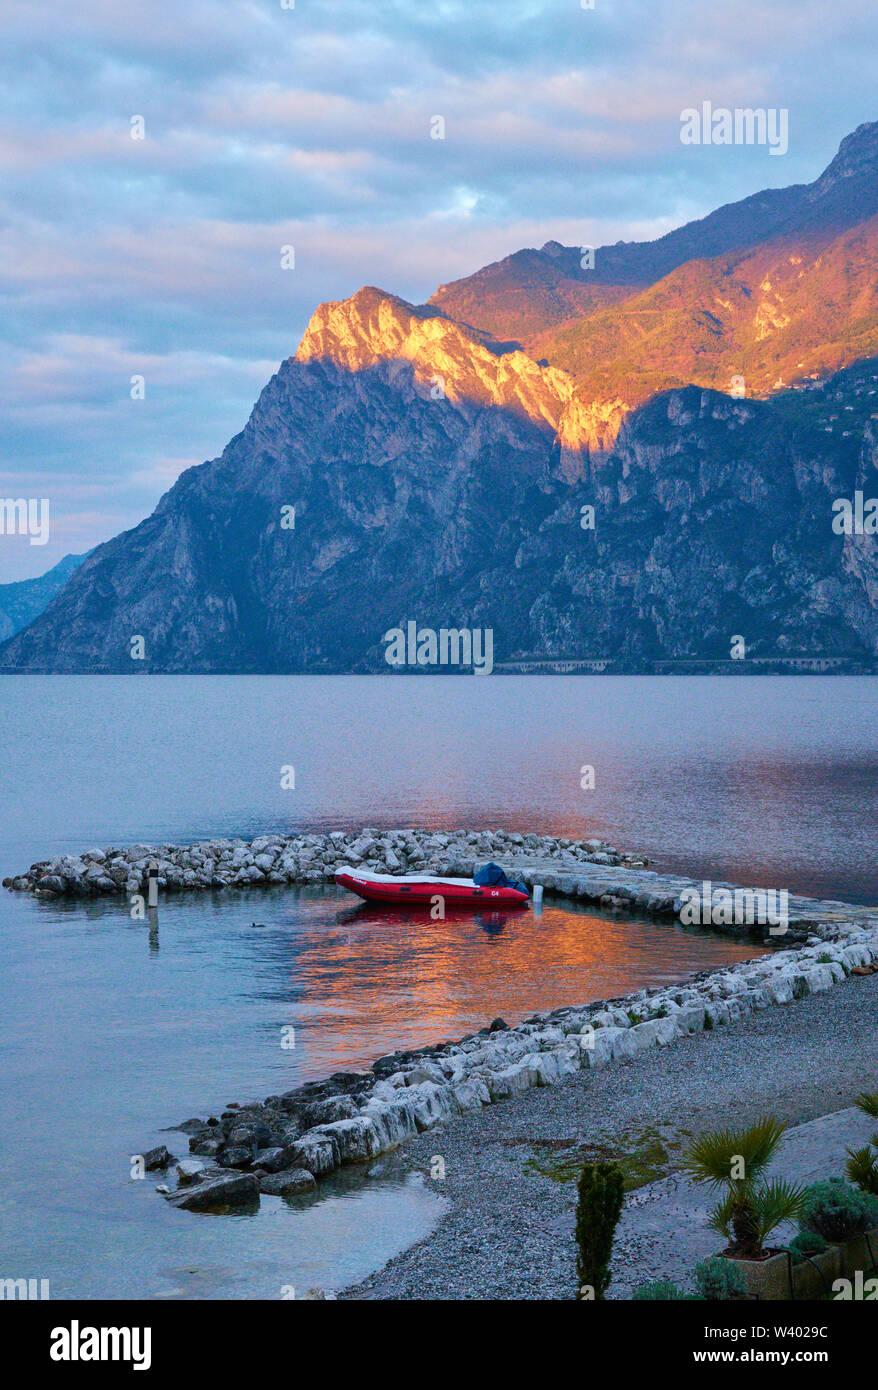 North beach with sunrise, Pregasina village, at Lago di Garda, Lake Garda in Torbole - Nago, Riva, Trentino , Italy at April 15, 2019. © Peter Schatz - Stock Image